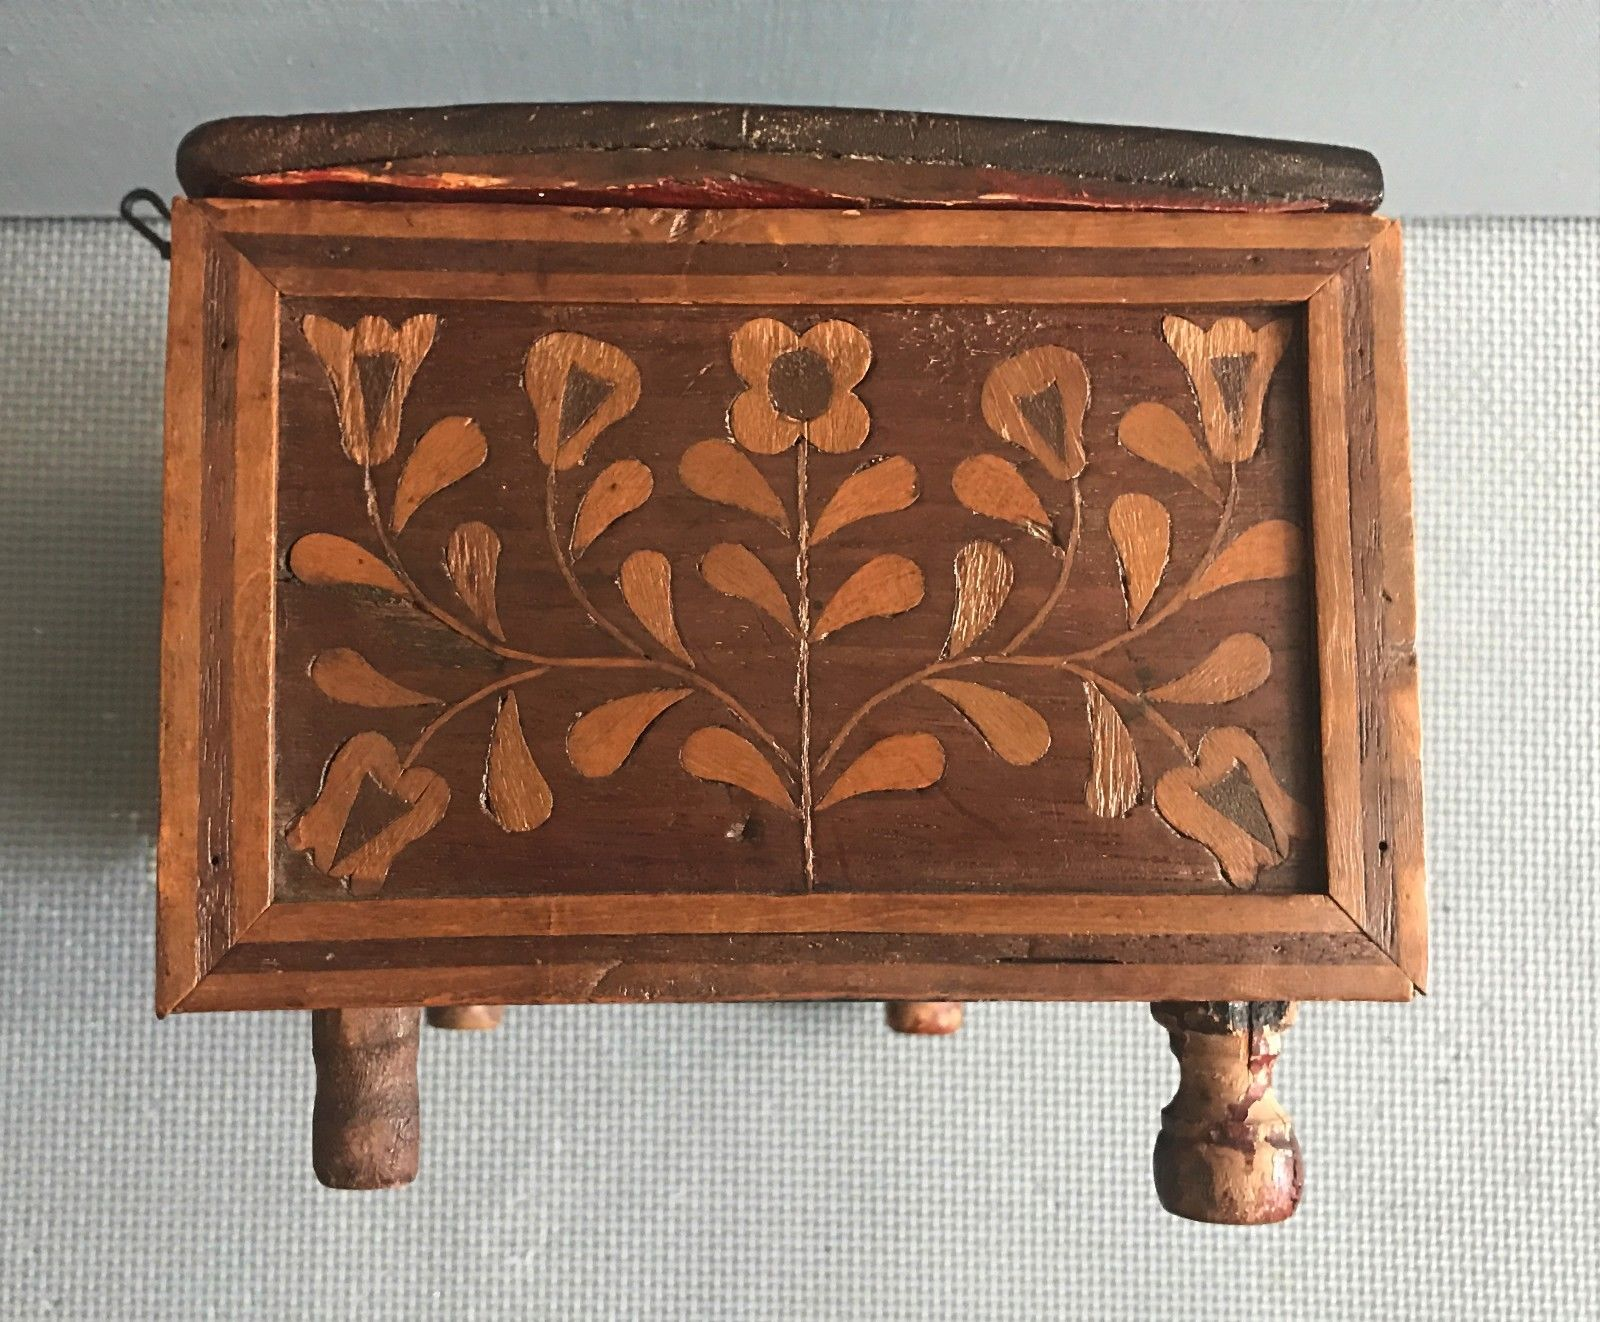 teremok_antiques_peru_casket_4.jpg